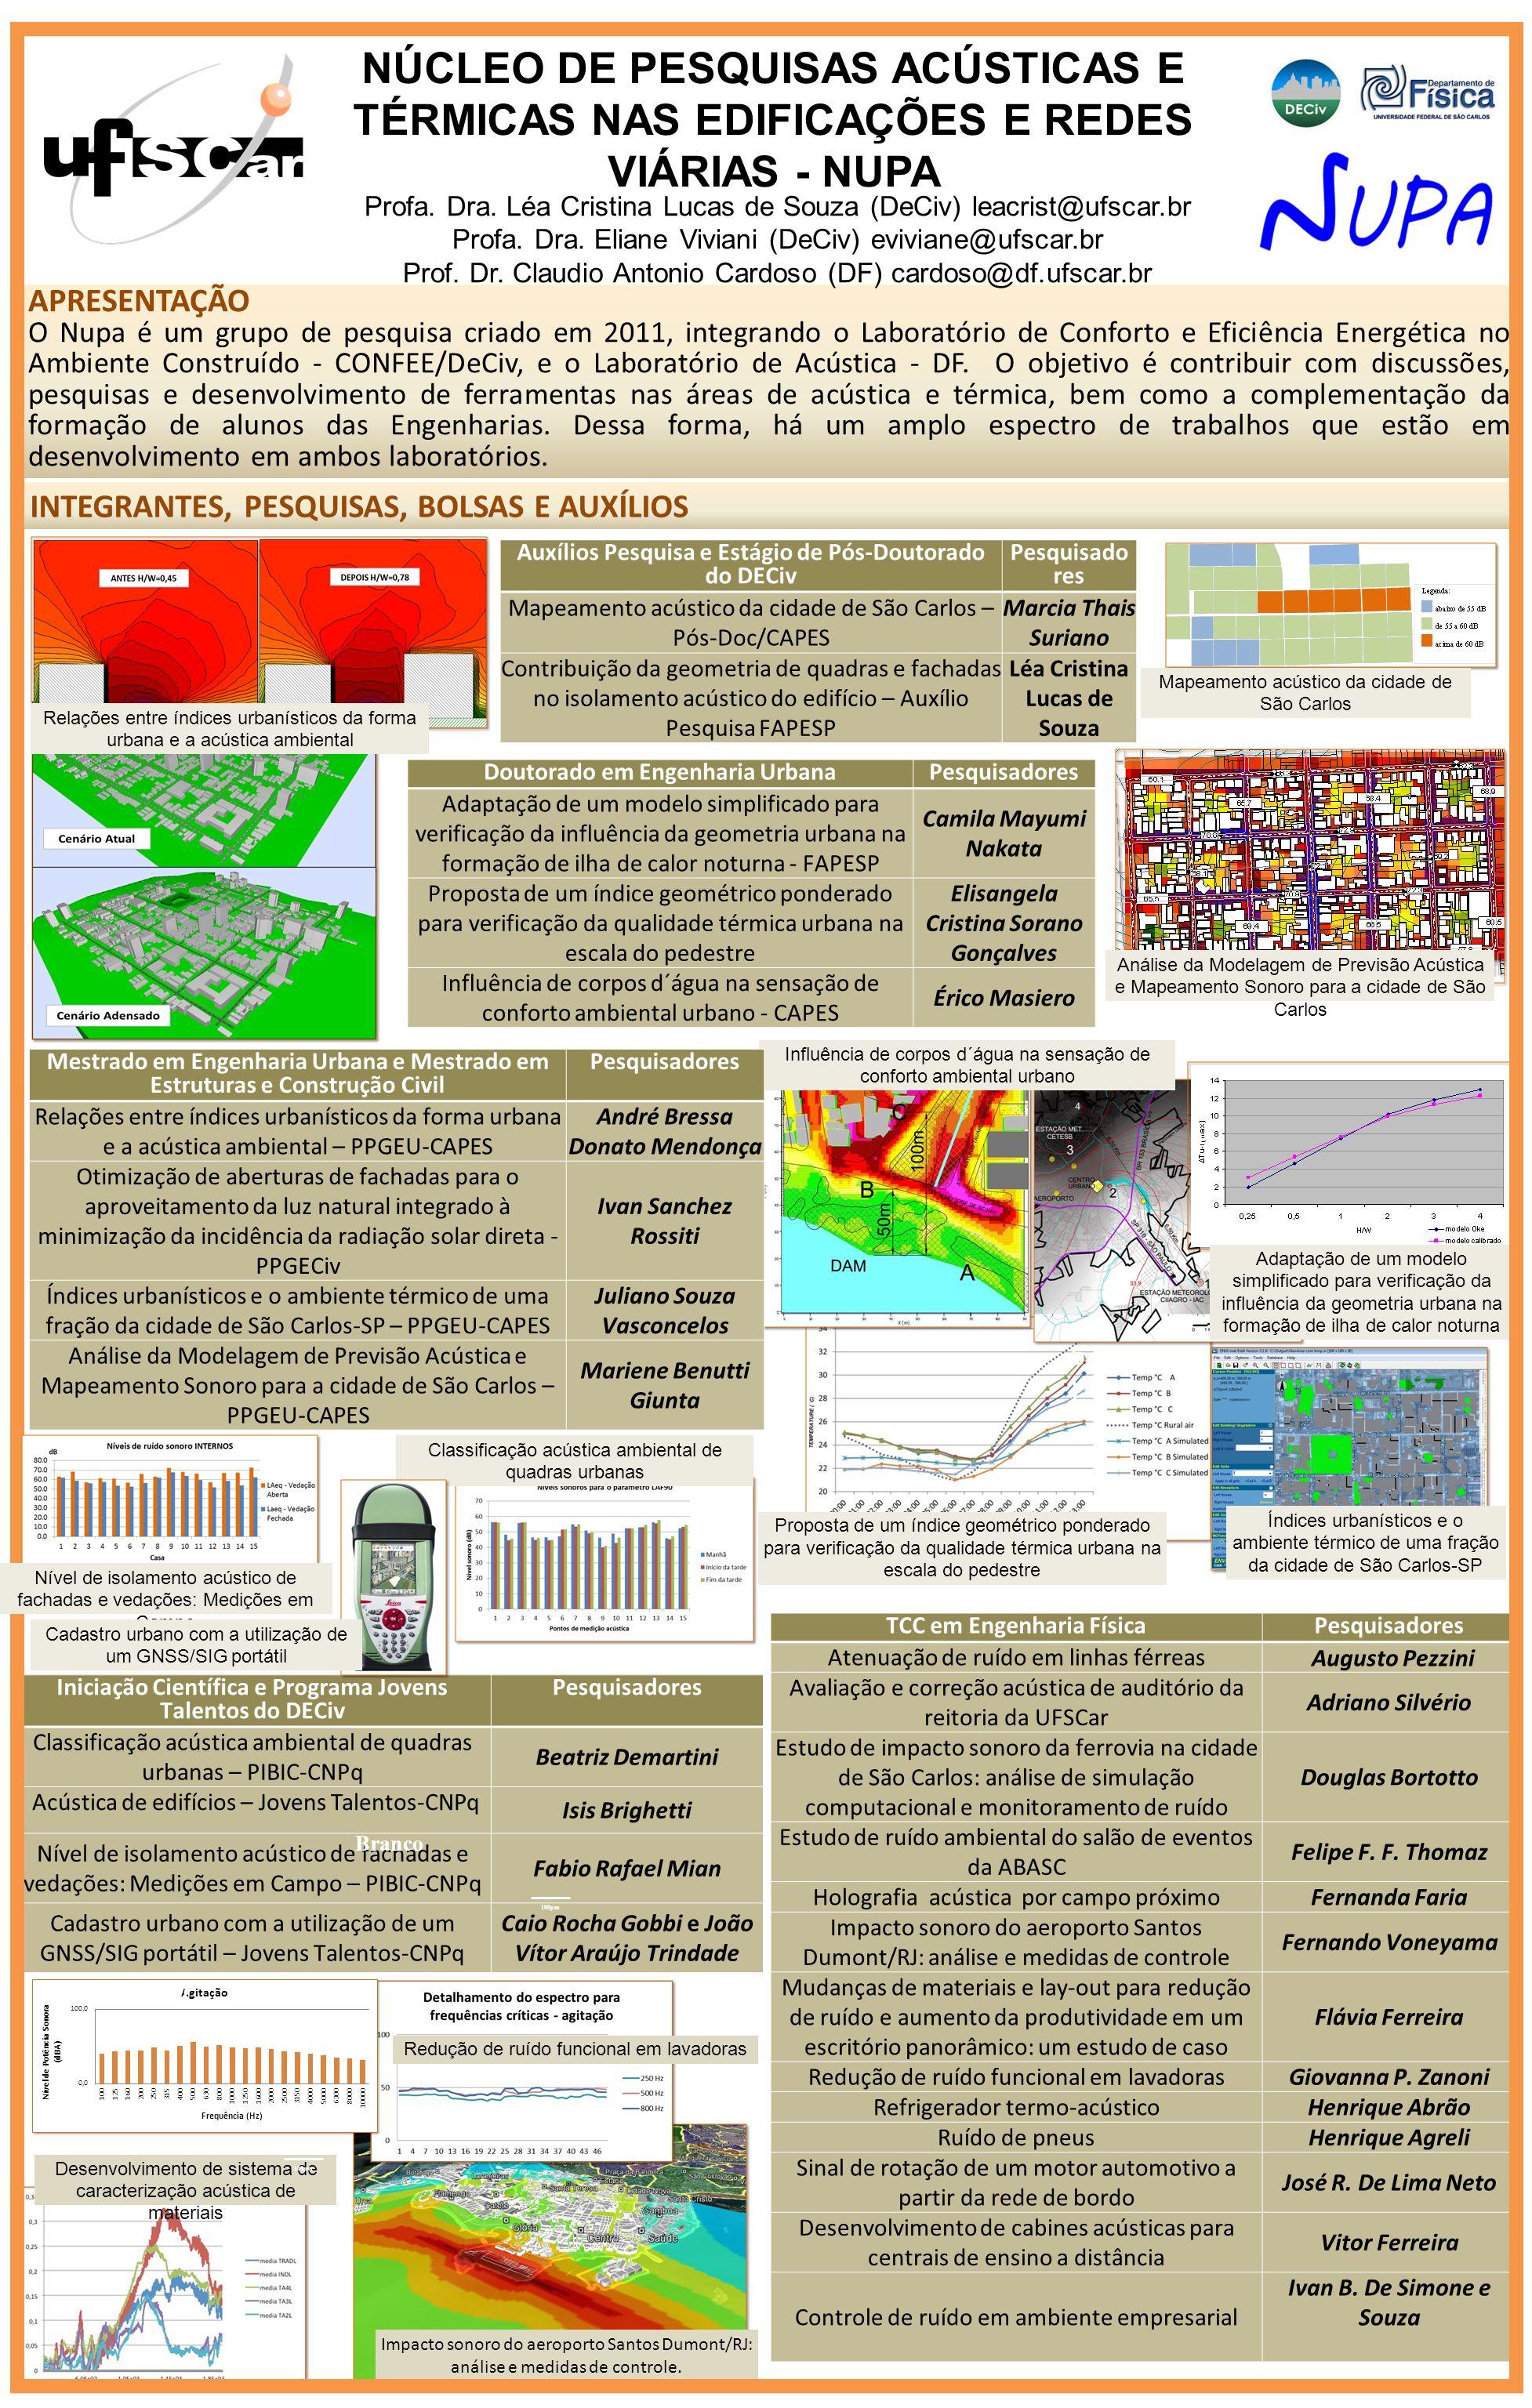 Impacto sonoro do aeroporto Santos Dumont/RJ: análise e medidas de controle. Redução de ruído funcional em lavadoras Desenvolvimento de sistema de car